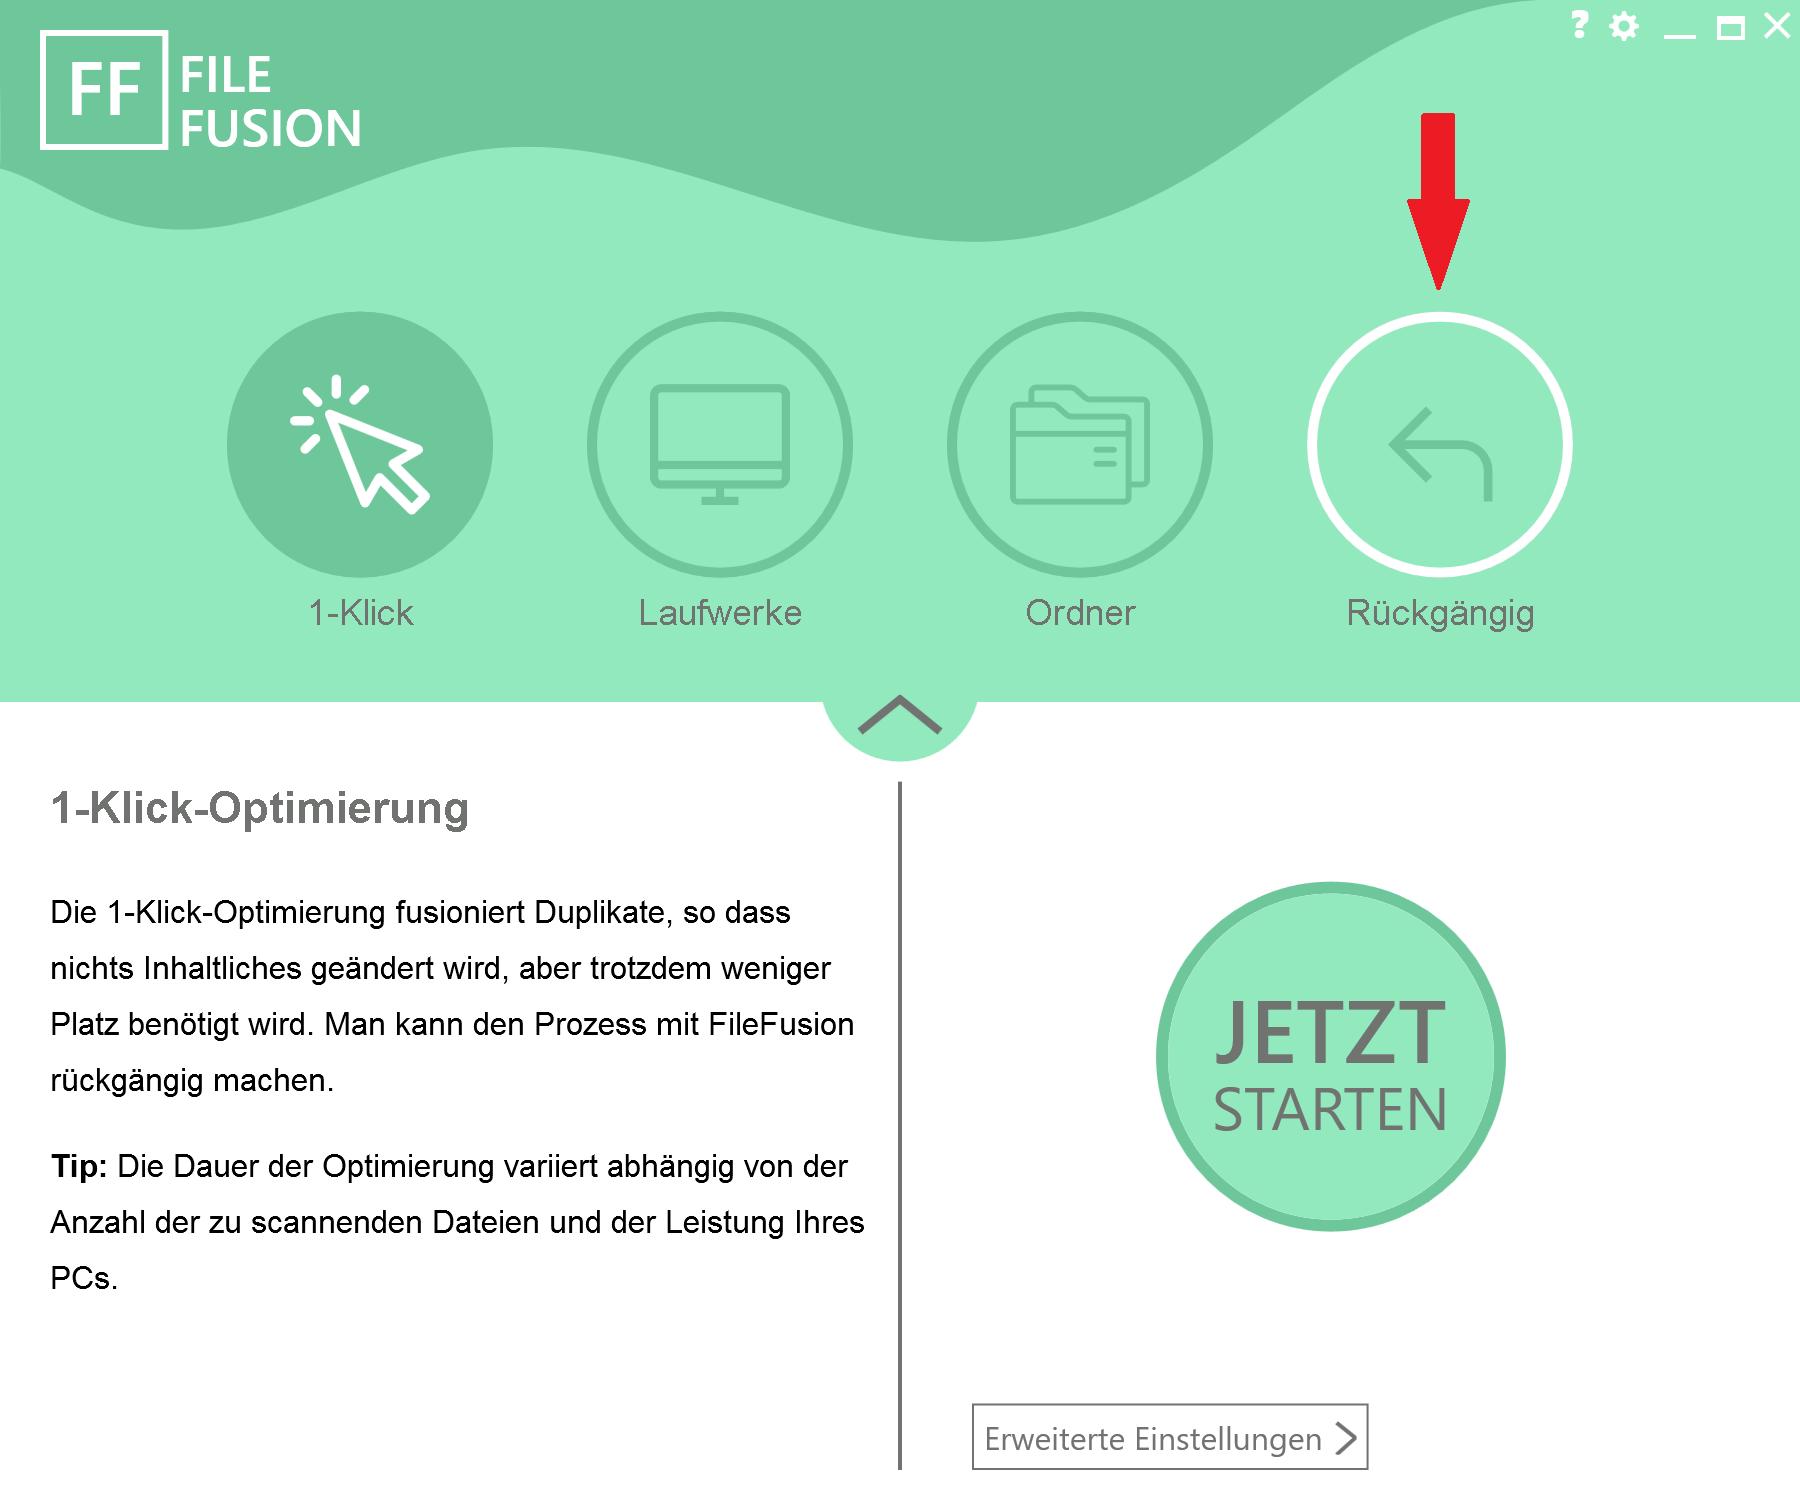 7. Doppelte Bilder auf PC finden - Änderungen zurücksetzen